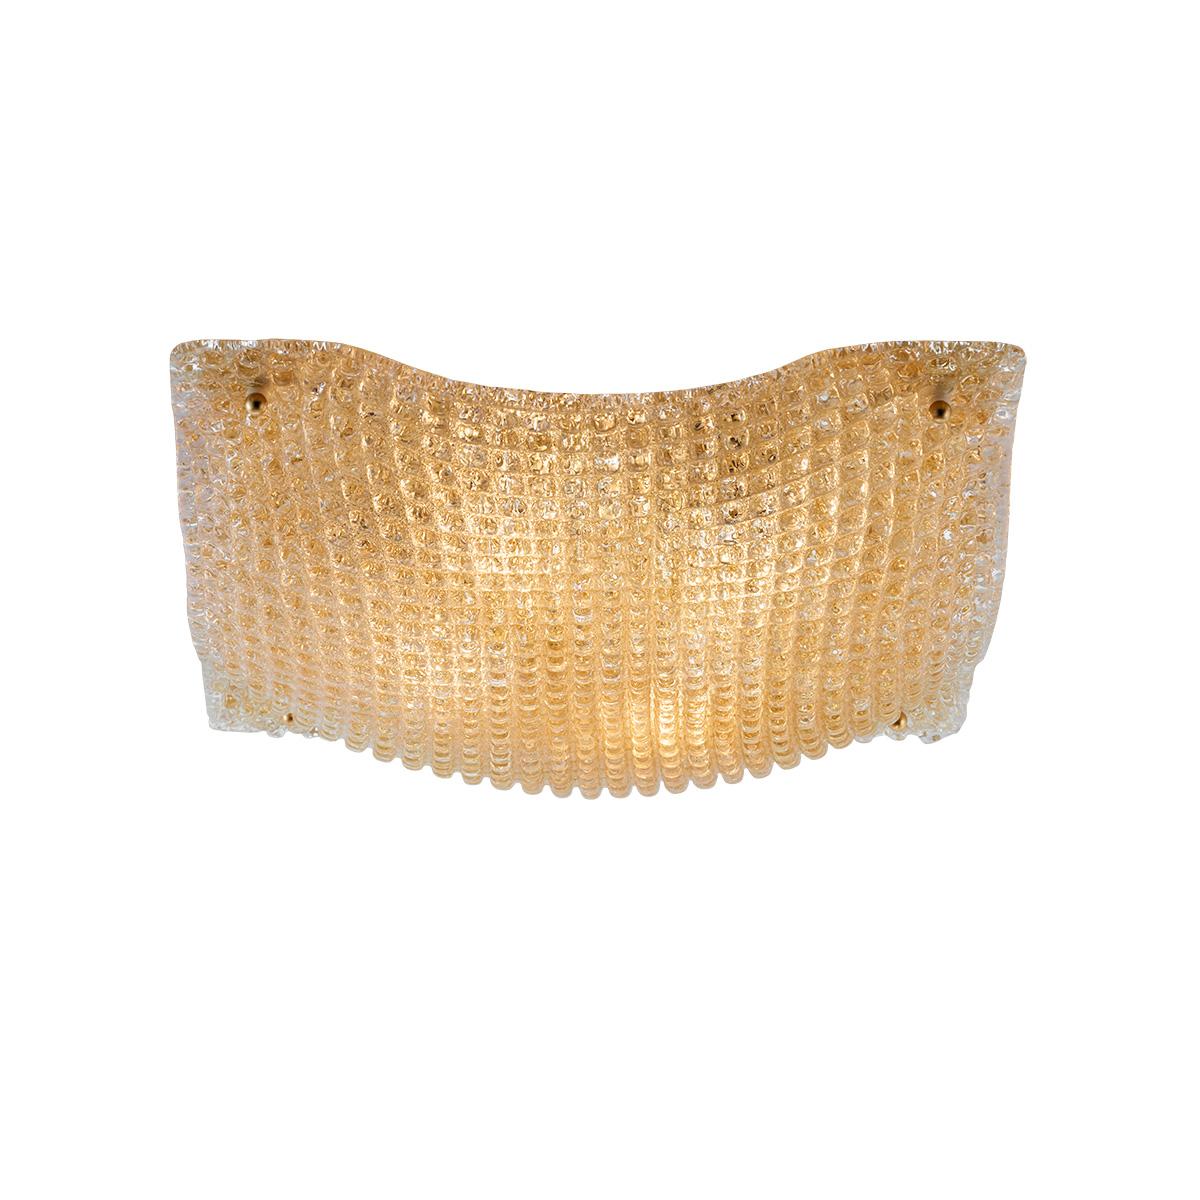 Κλασικό φωτιστικό οροφής μελί ΜΑΝΤΗΛΙ classic amber ceiling lamp